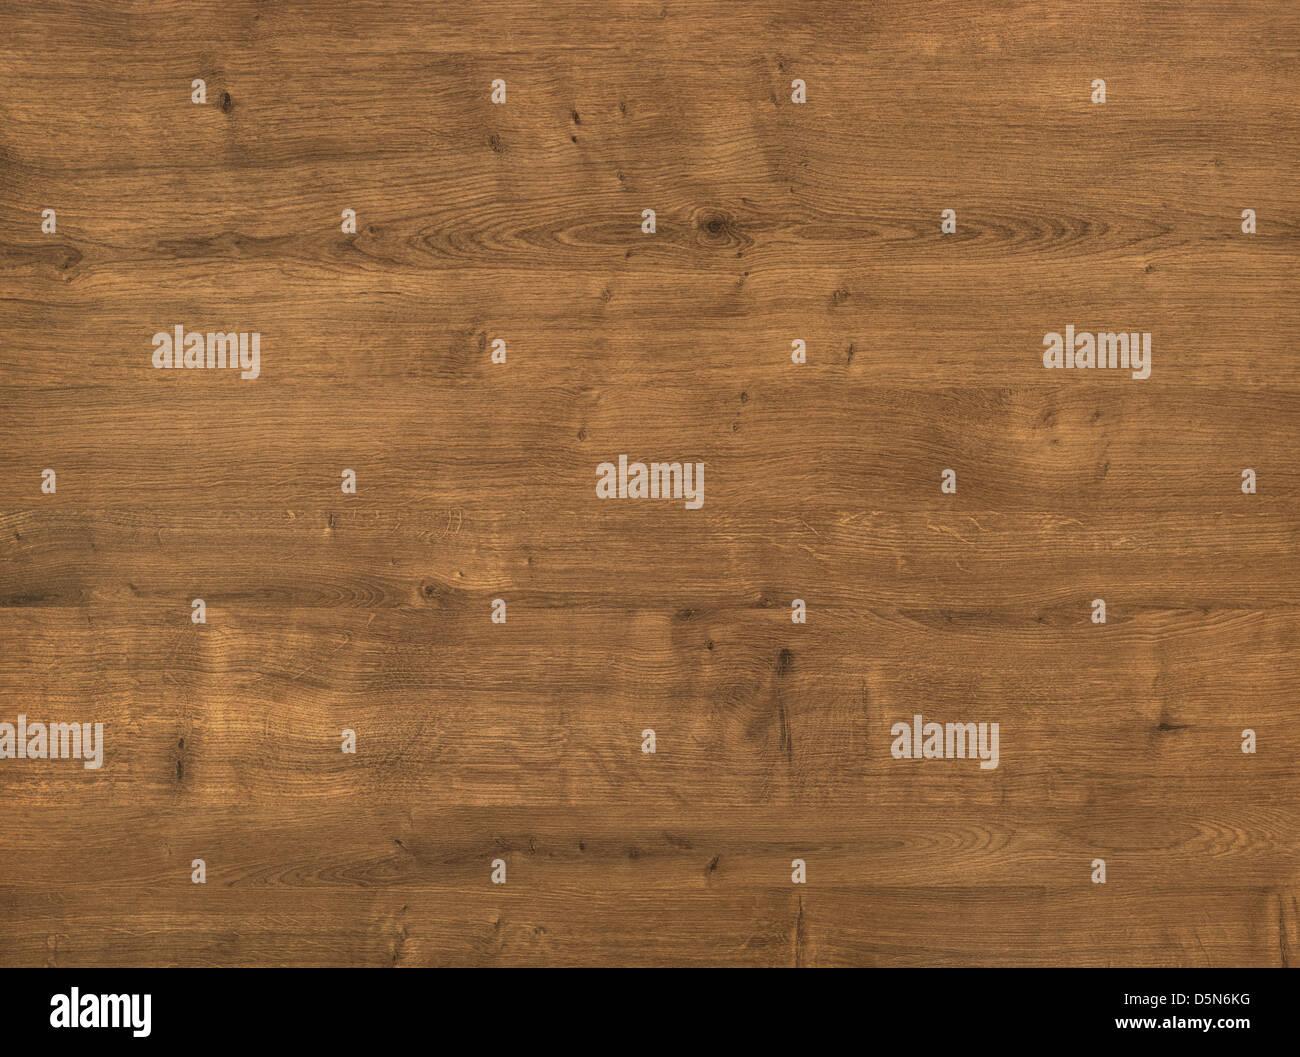 Holzfußboden Dielen ~ Braune holz parkett dielen. hölzerne hintergrund stockfoto bild